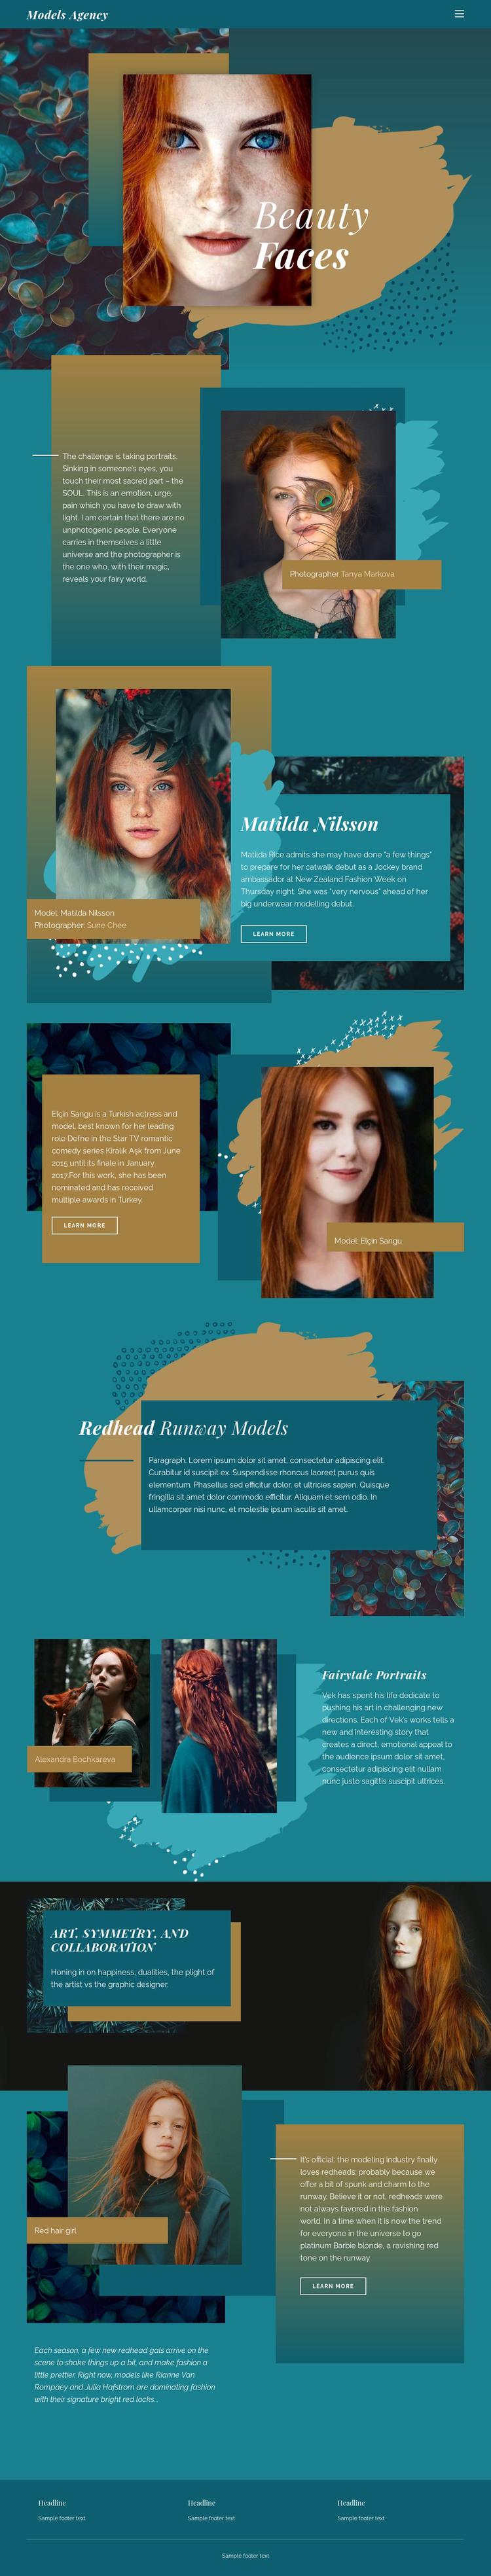 Faces of modern fashion WordPress Theme